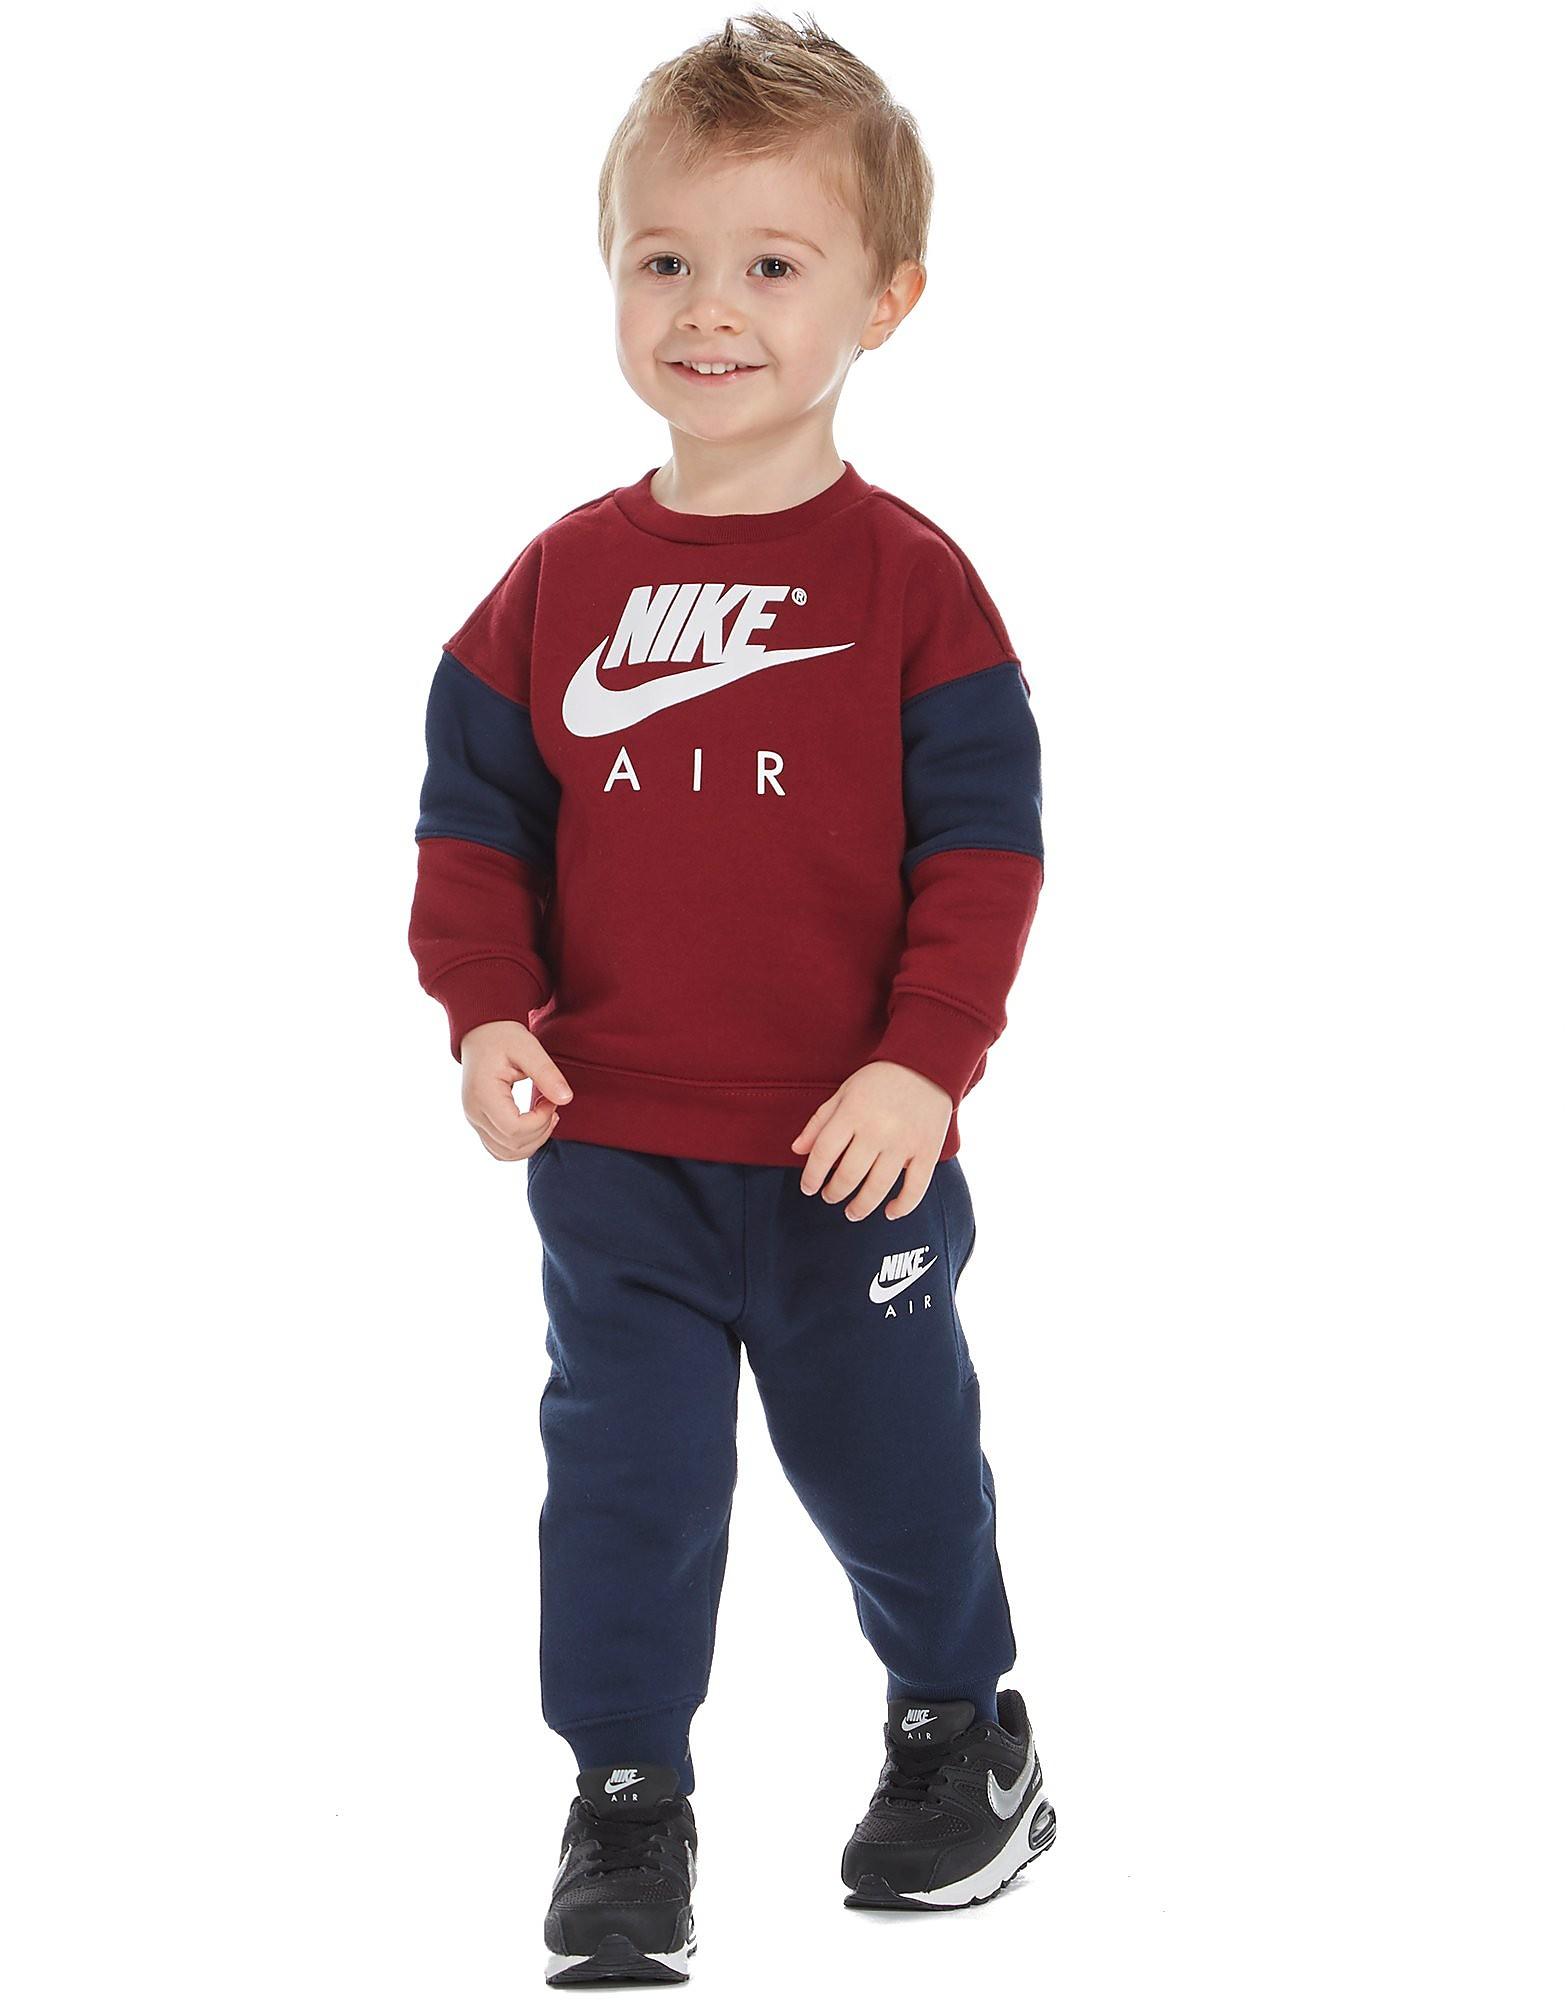 Nike Air Rundhalsausschnitt Anzug Junior